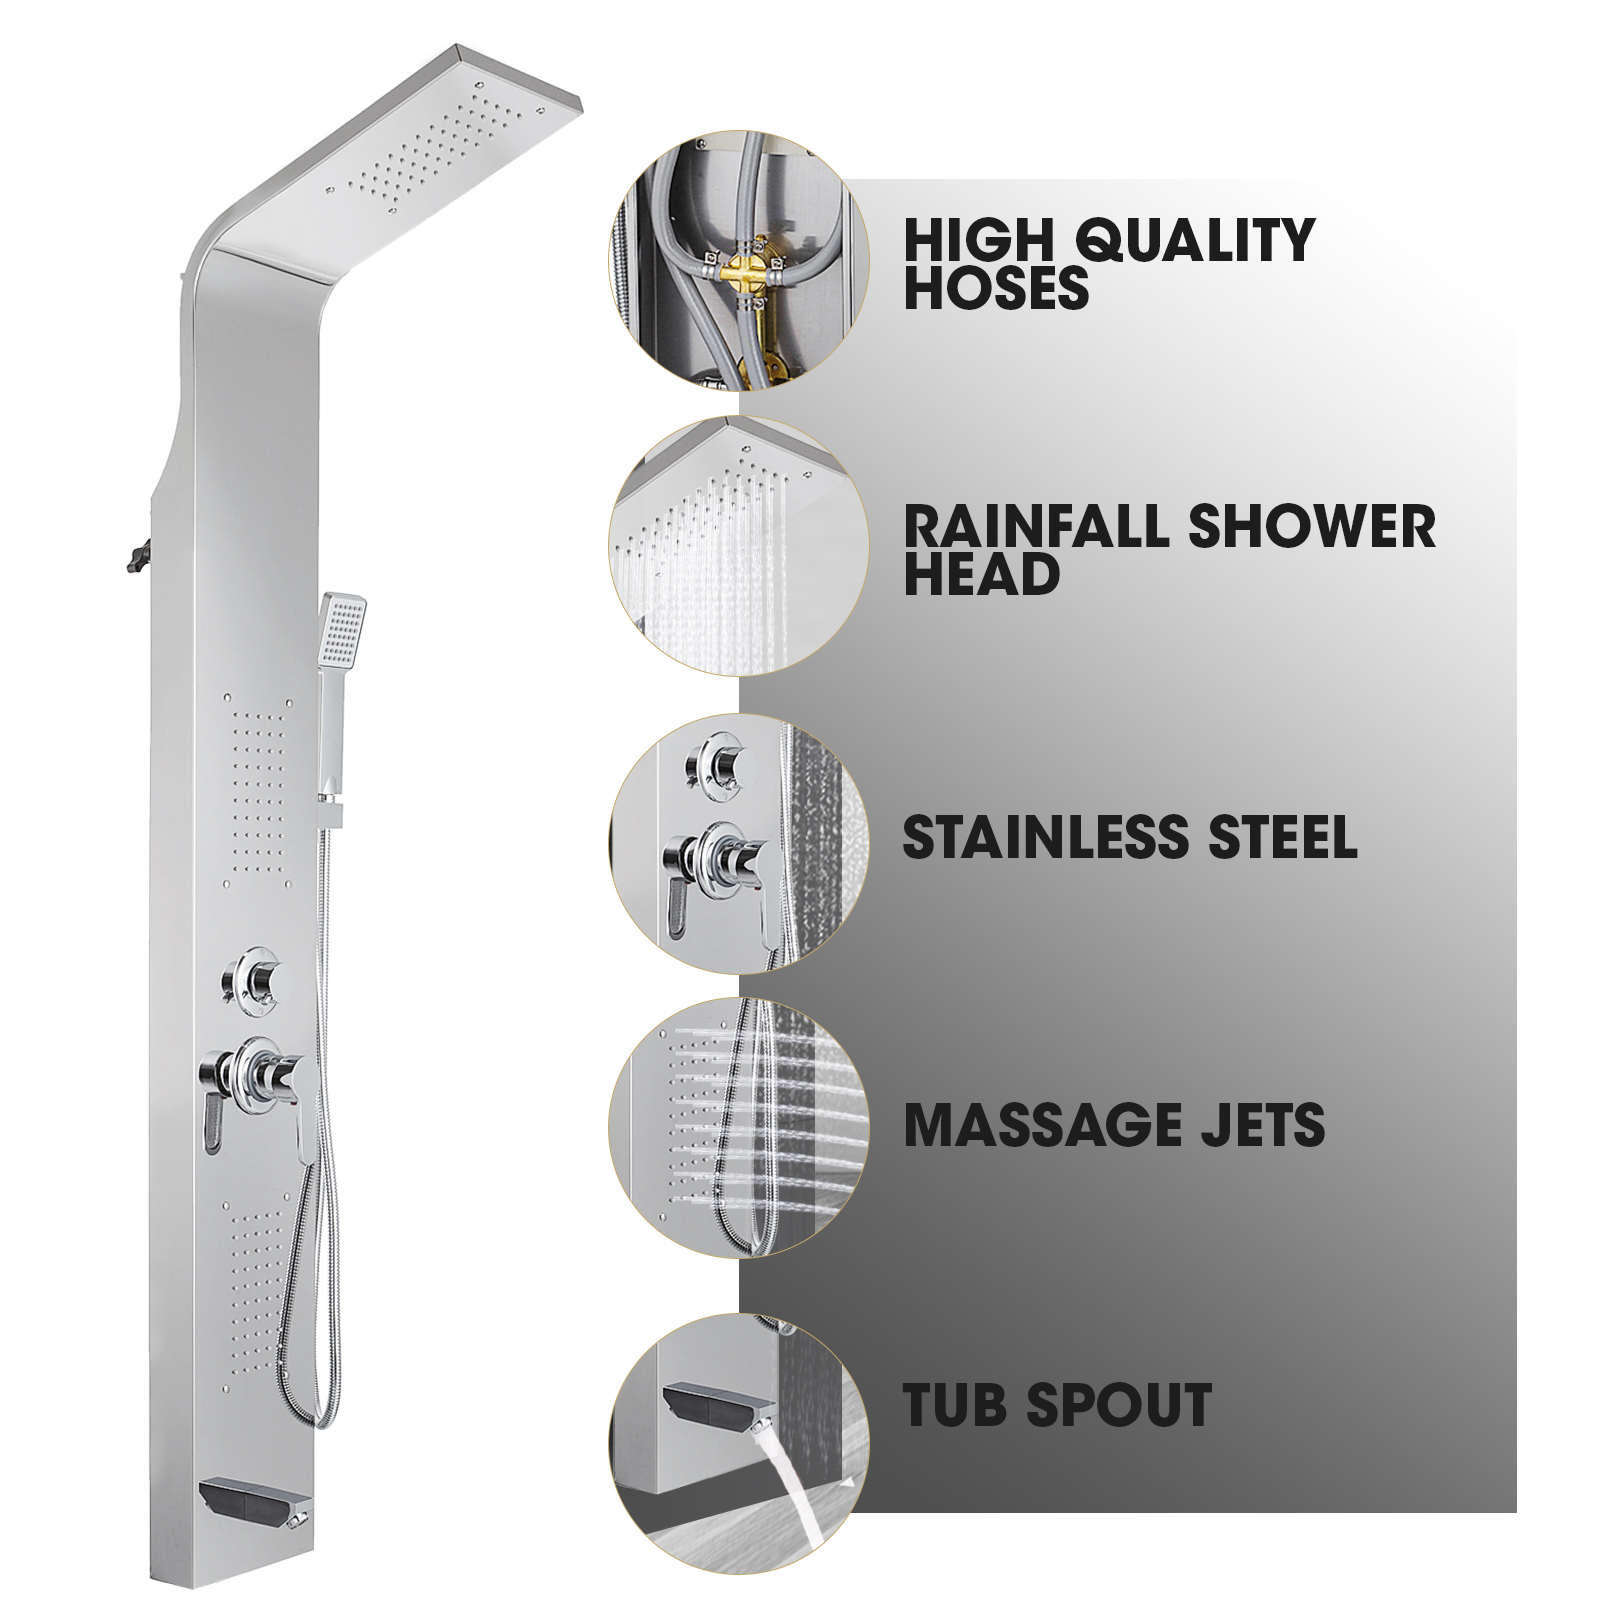 Pannello-doccia-idromassaggio-colonna-in-acciaio-inossidabile-con-miscelatore miniatura 31